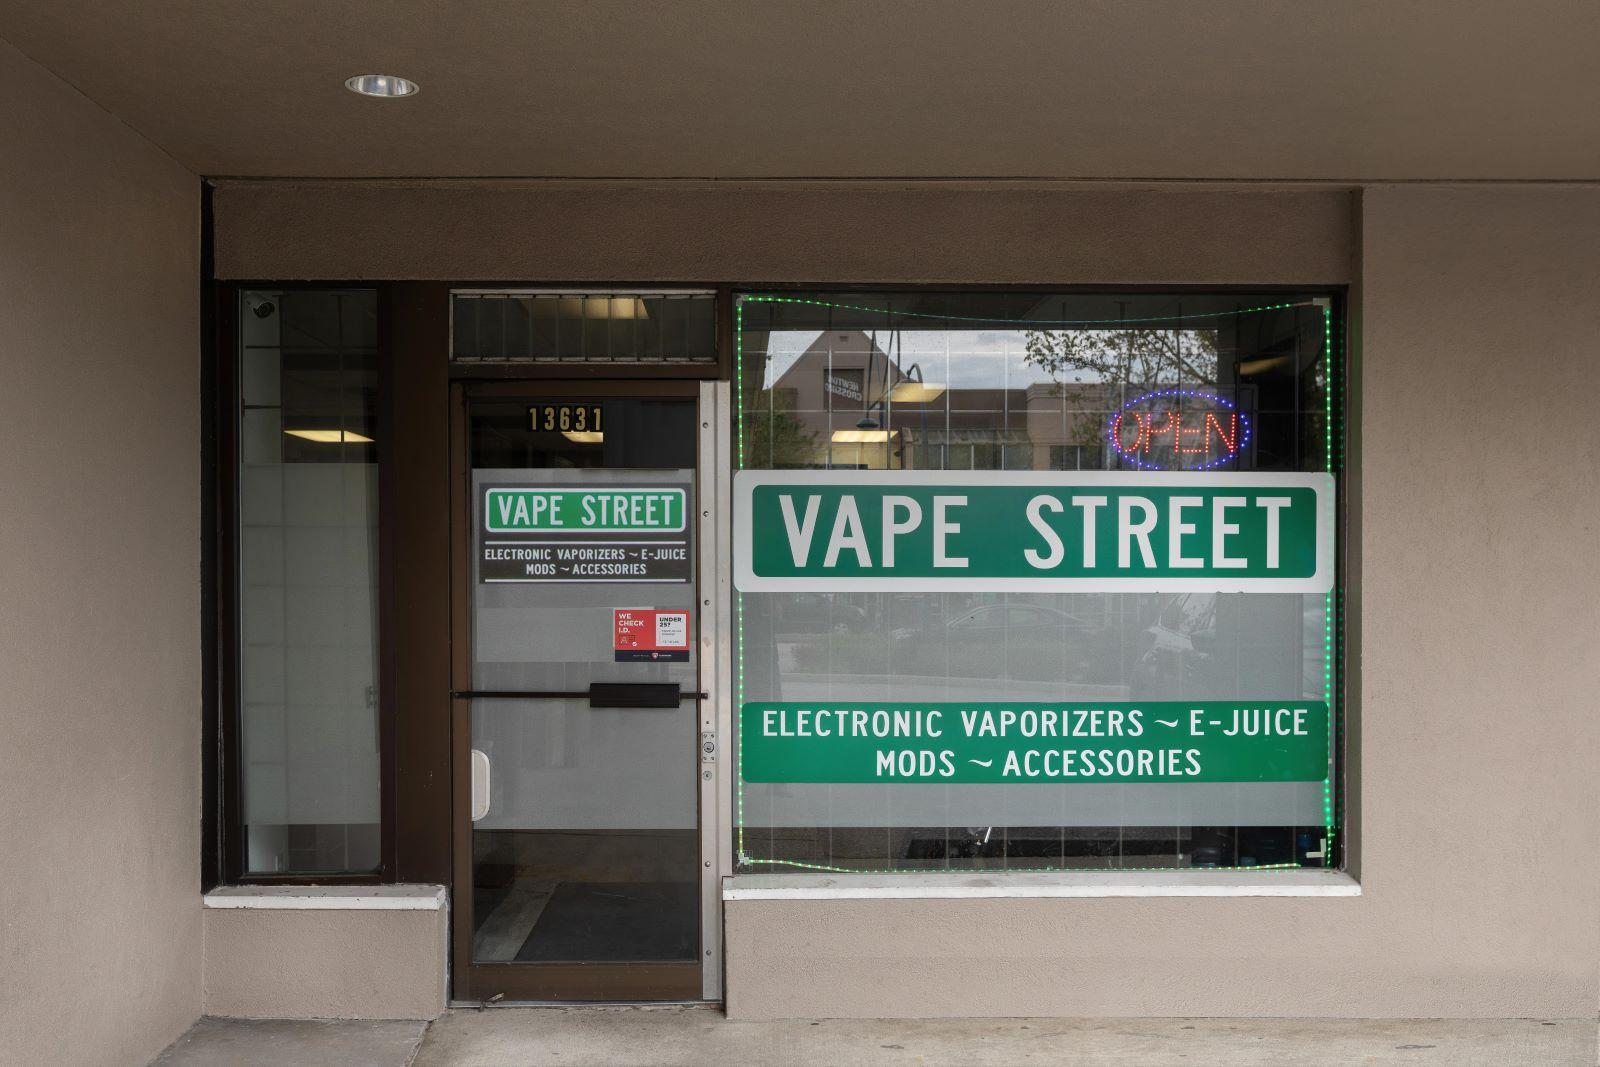 vape street west kelowna surrey newton